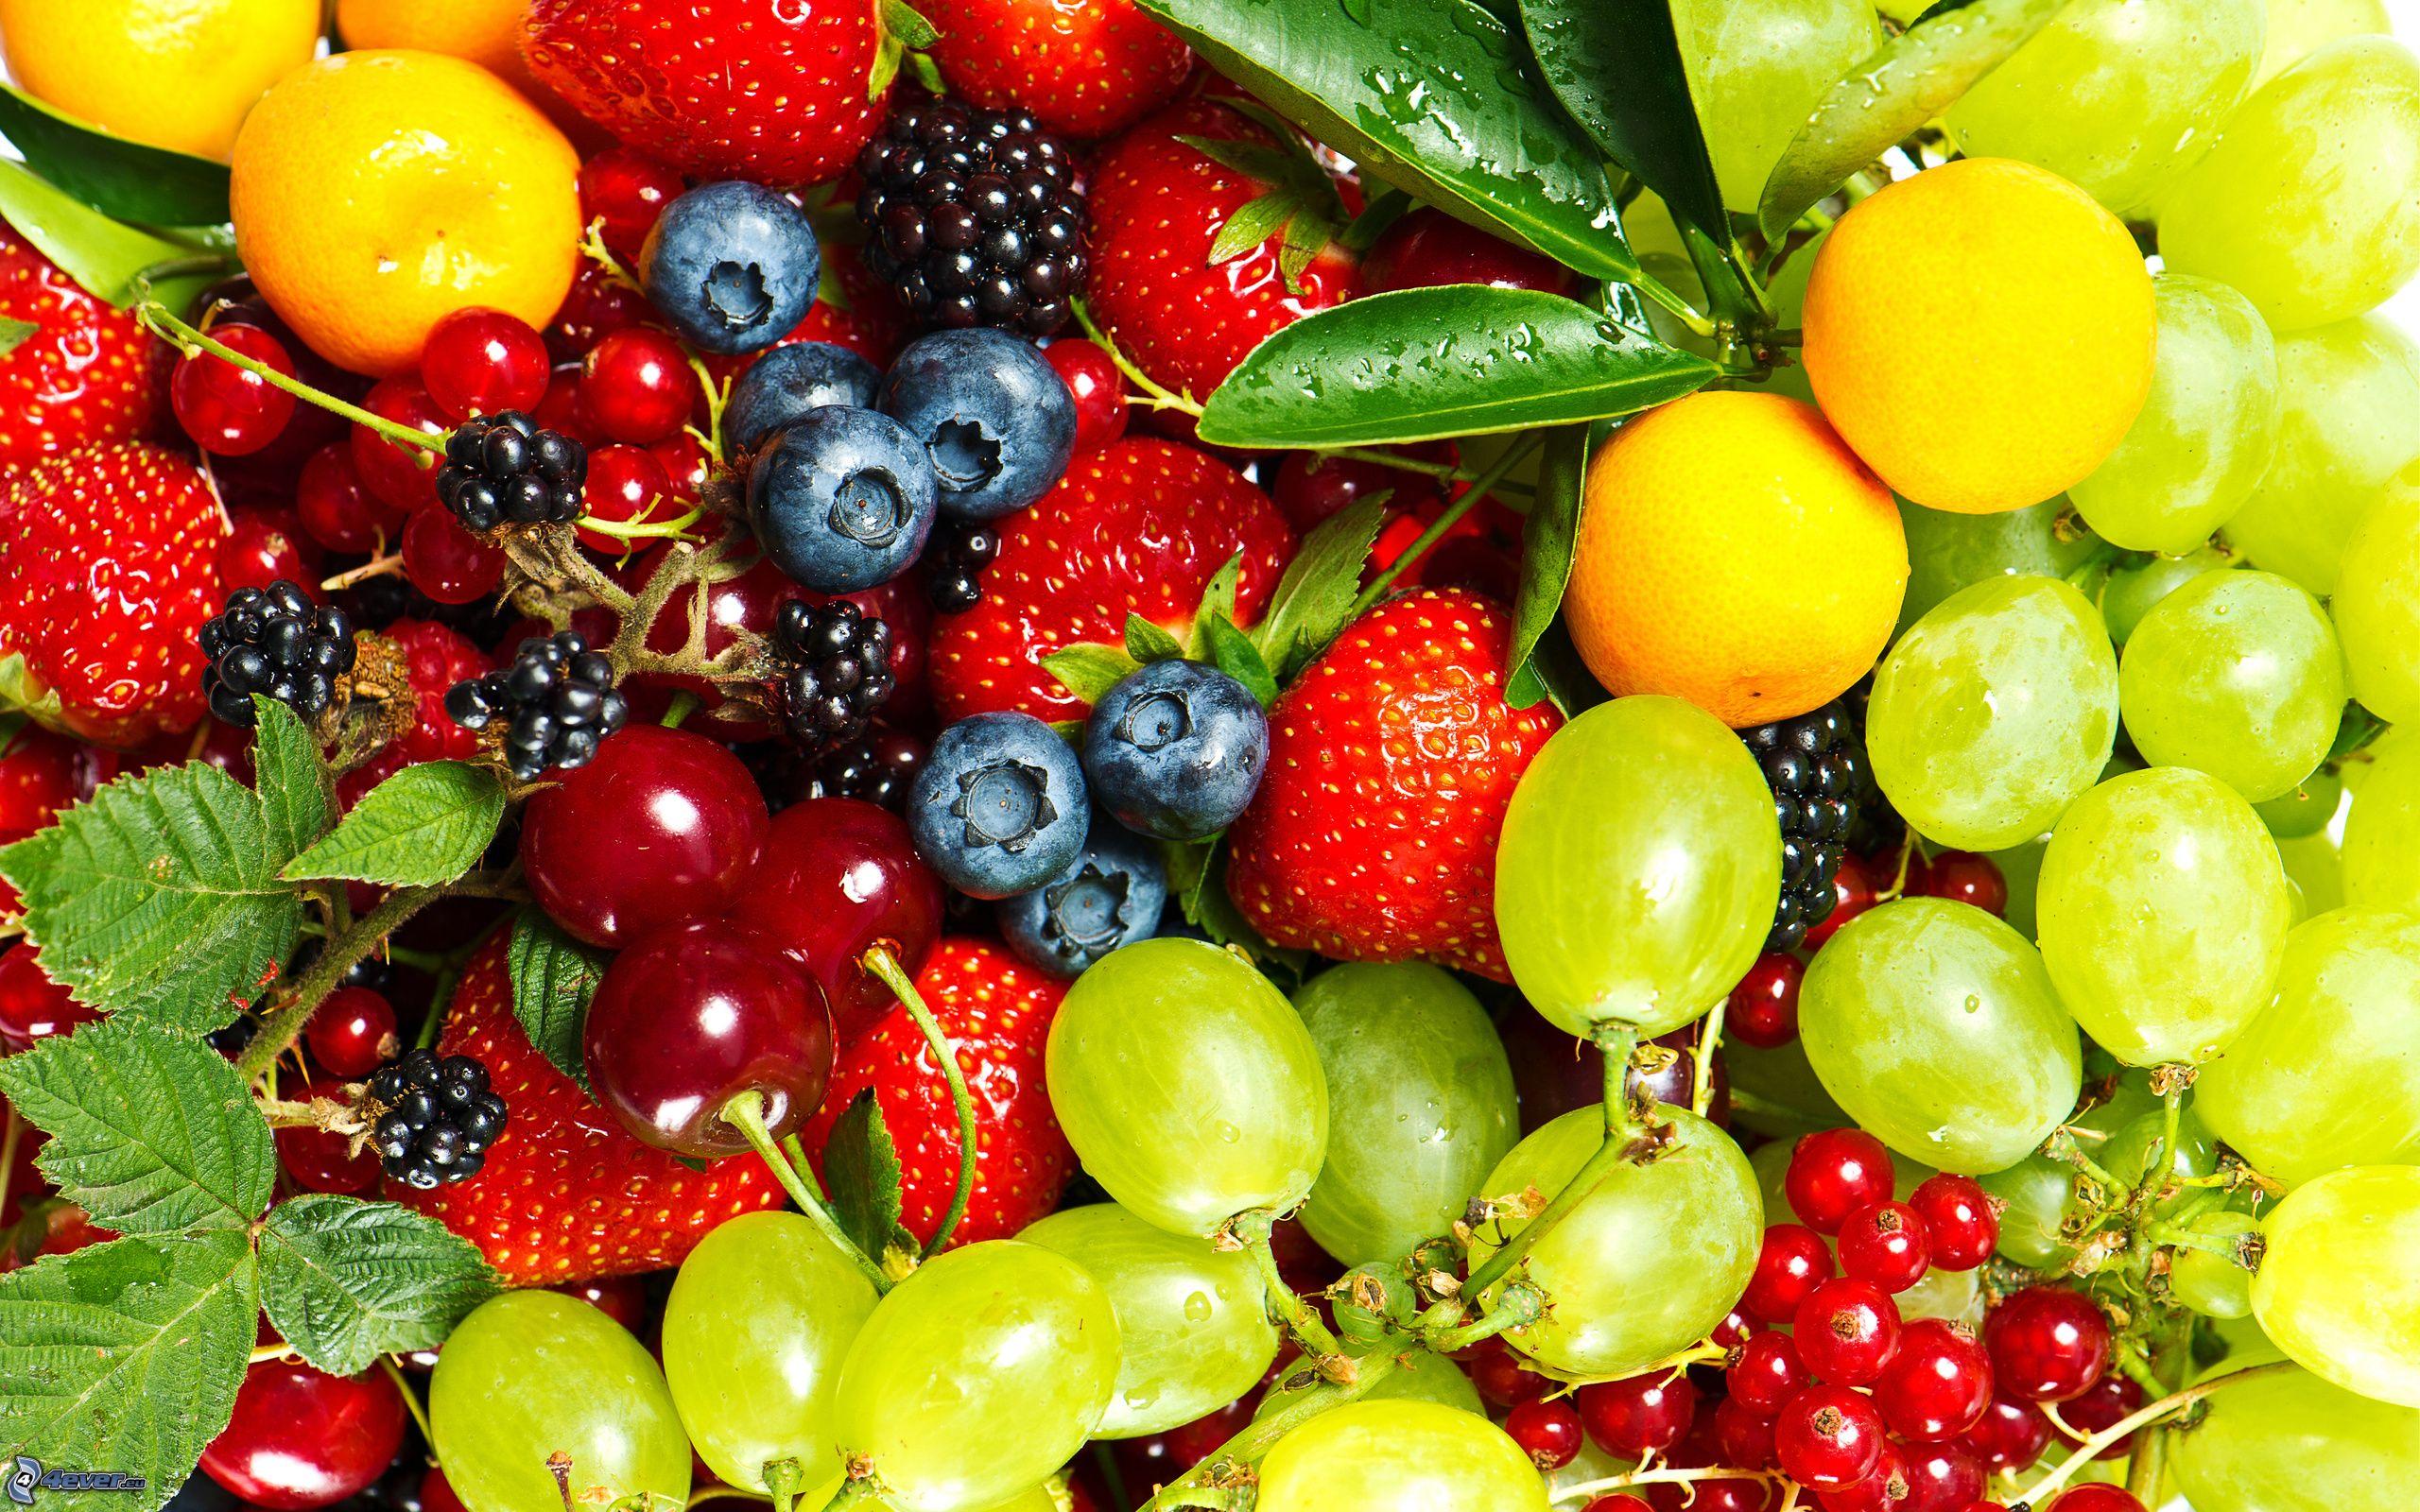 Adeguatezza nutrizionale dell'alimentazione a base vegetale